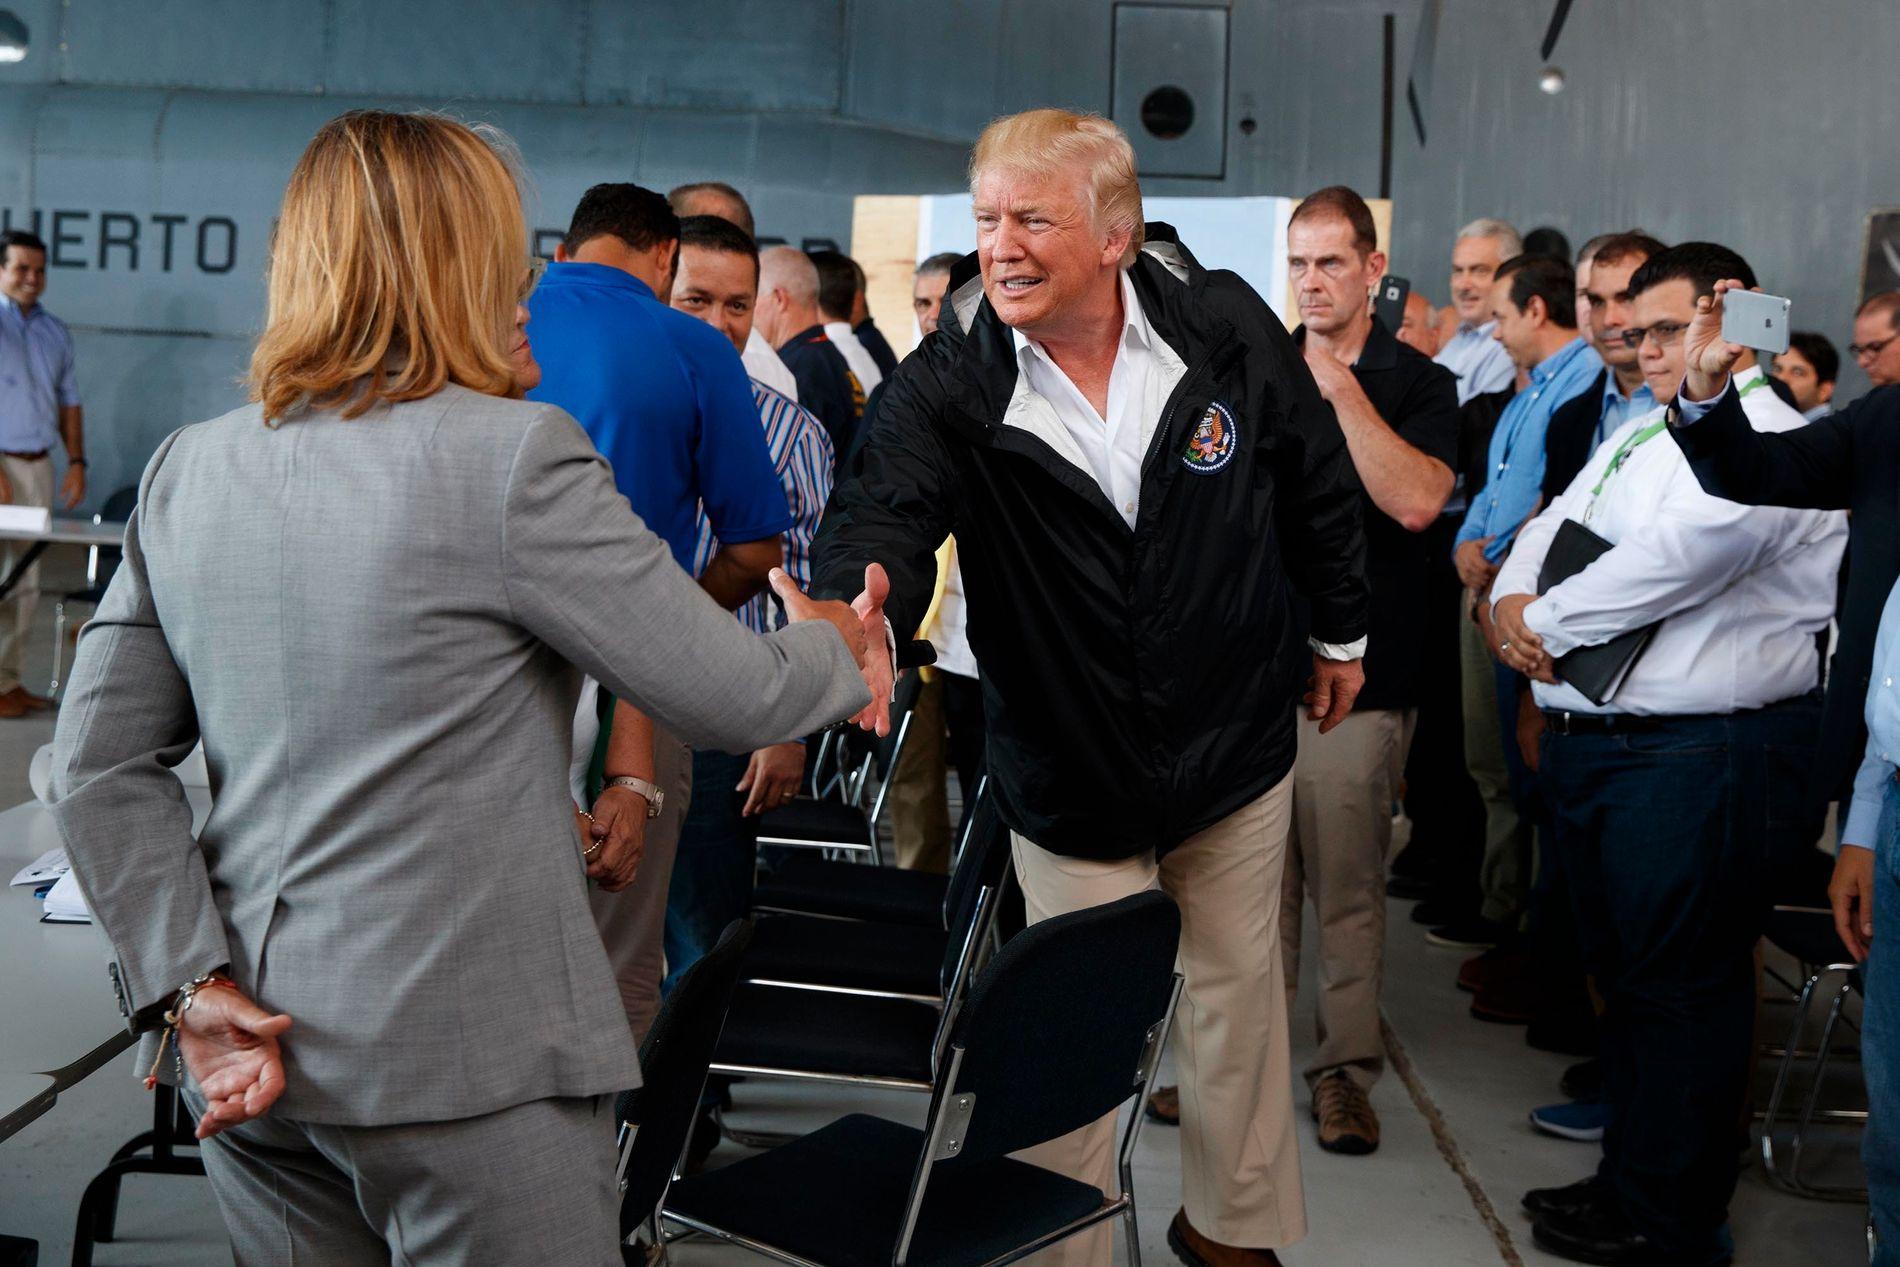 MØTTE TRUMP: Carmen Yulin Cruz og Donald Trump hilste på hverandre i Sann Juan 3. oktober i fjor. – Jeg følte at han så etter en unnskyldning for ikke å gi meg hånden, har Cruz tidligere sagt til VG.